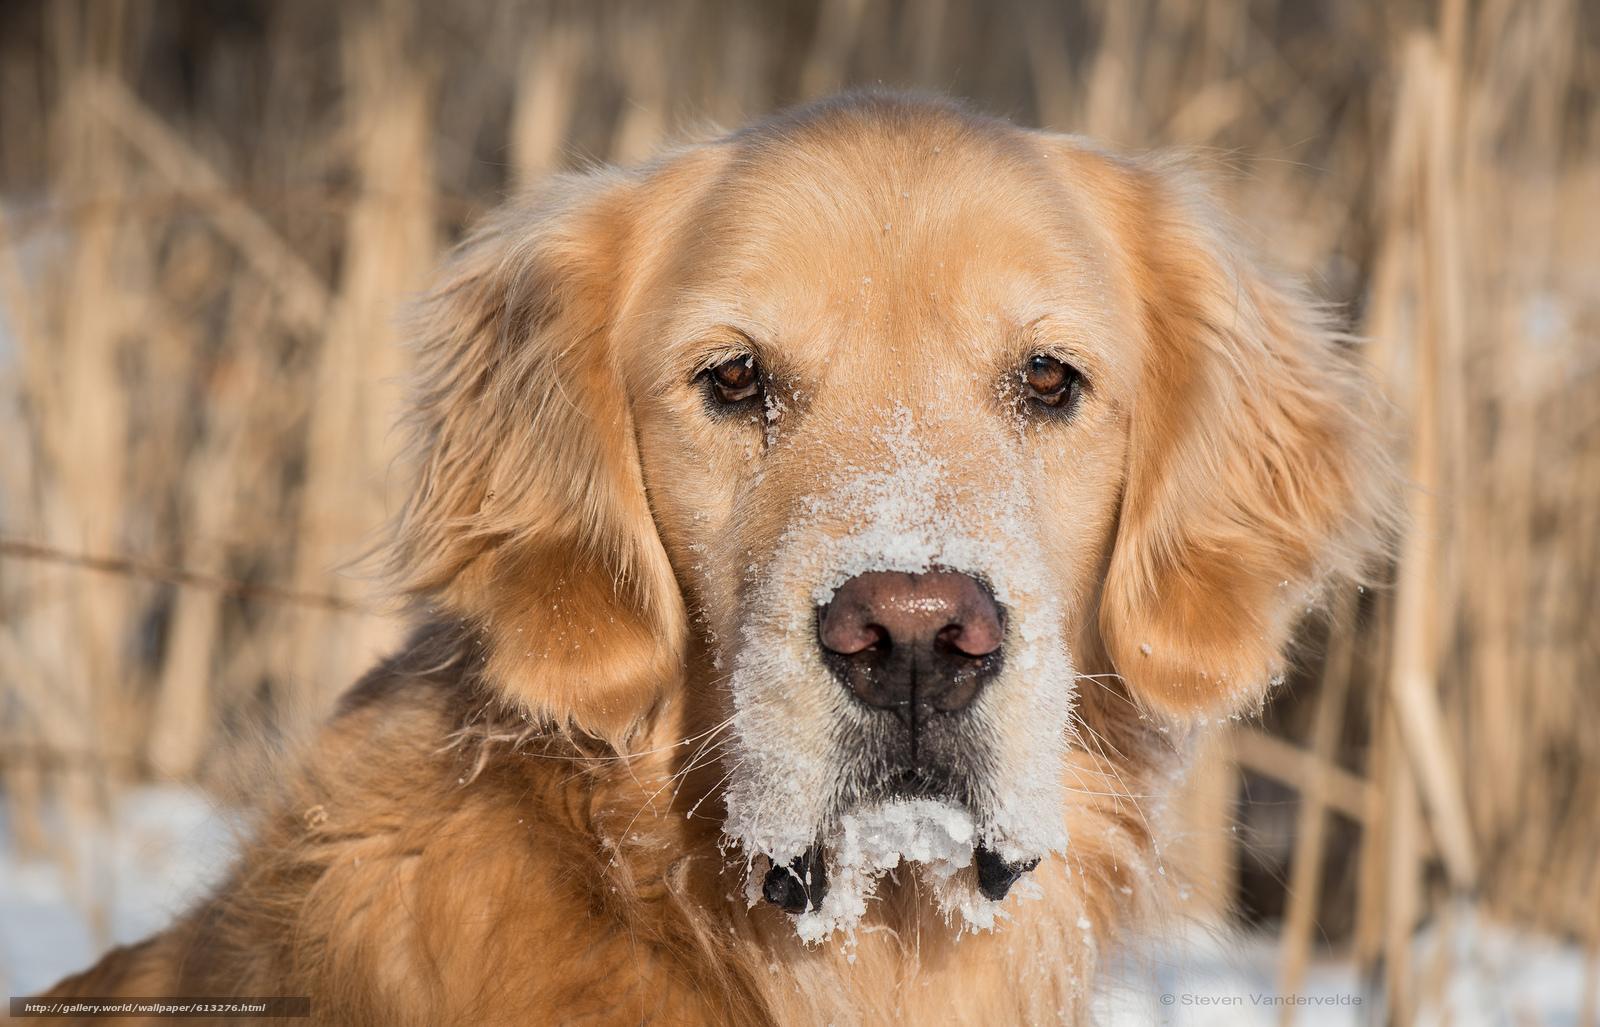 Tlcharger fond d 39 ecran golden retriever golden retriever chien chien fonds d 39 ecran gratuits - Golden retriever gratuit ...